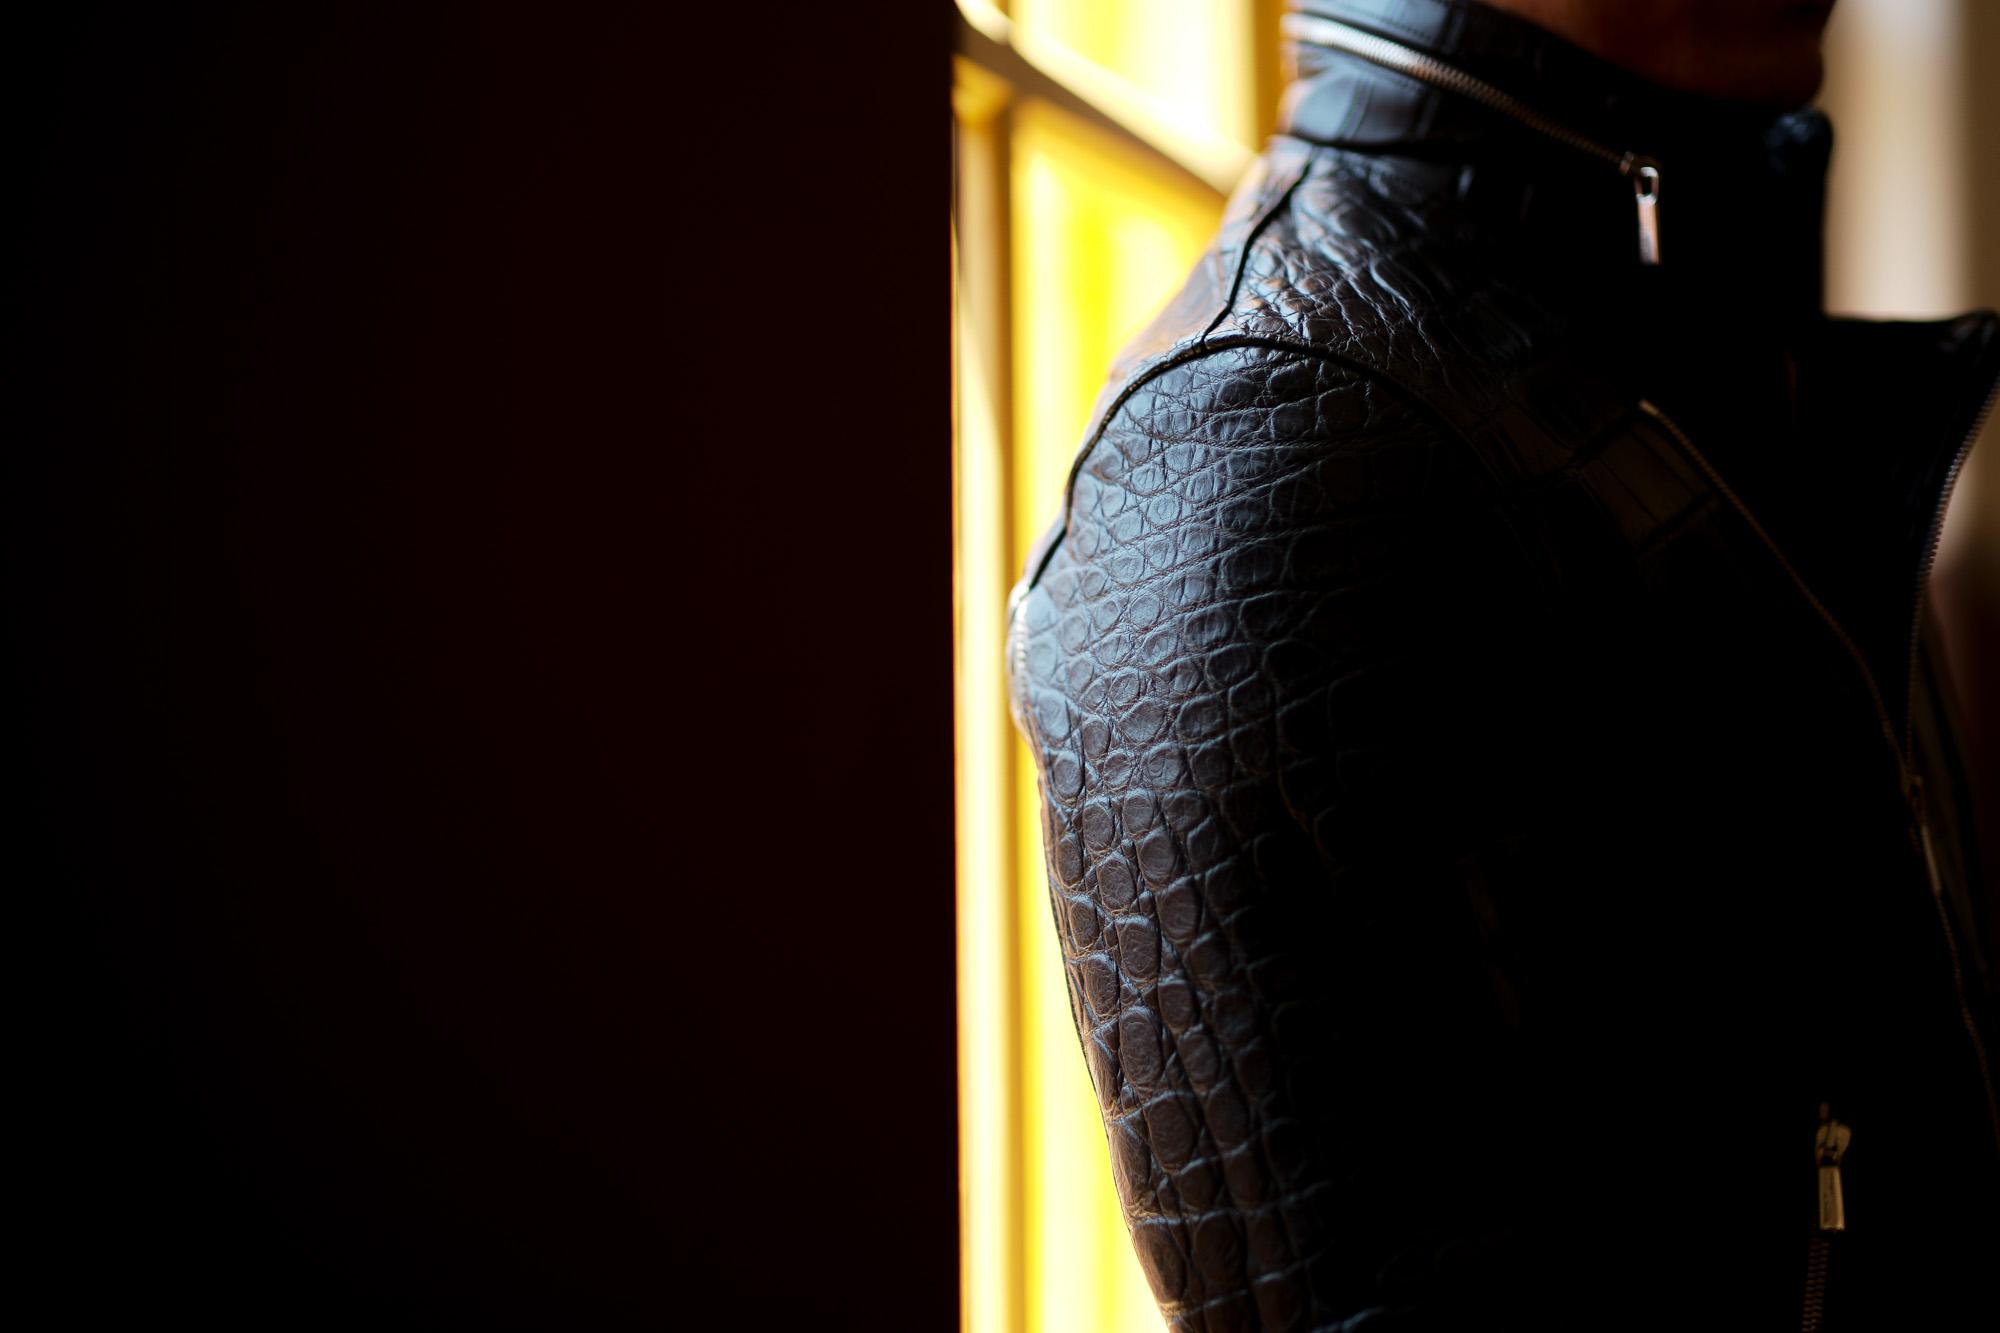 Georges de Patricia (ジョルジュ ド パトリシア) Huracan Porosus Crocodile(ウラカン ポロサス クロコダイル) 925 STERLING SILVER (925 スターリングシルバー) Porosus Crocodile ポロサス クロコダイル エキゾチックレザー ダブルライダース ジャケット NOIR (ブラック) 2019 秋冬 【Special Model】【ご予約受付中】愛知 名古屋 alto e diritto アルトエデリット